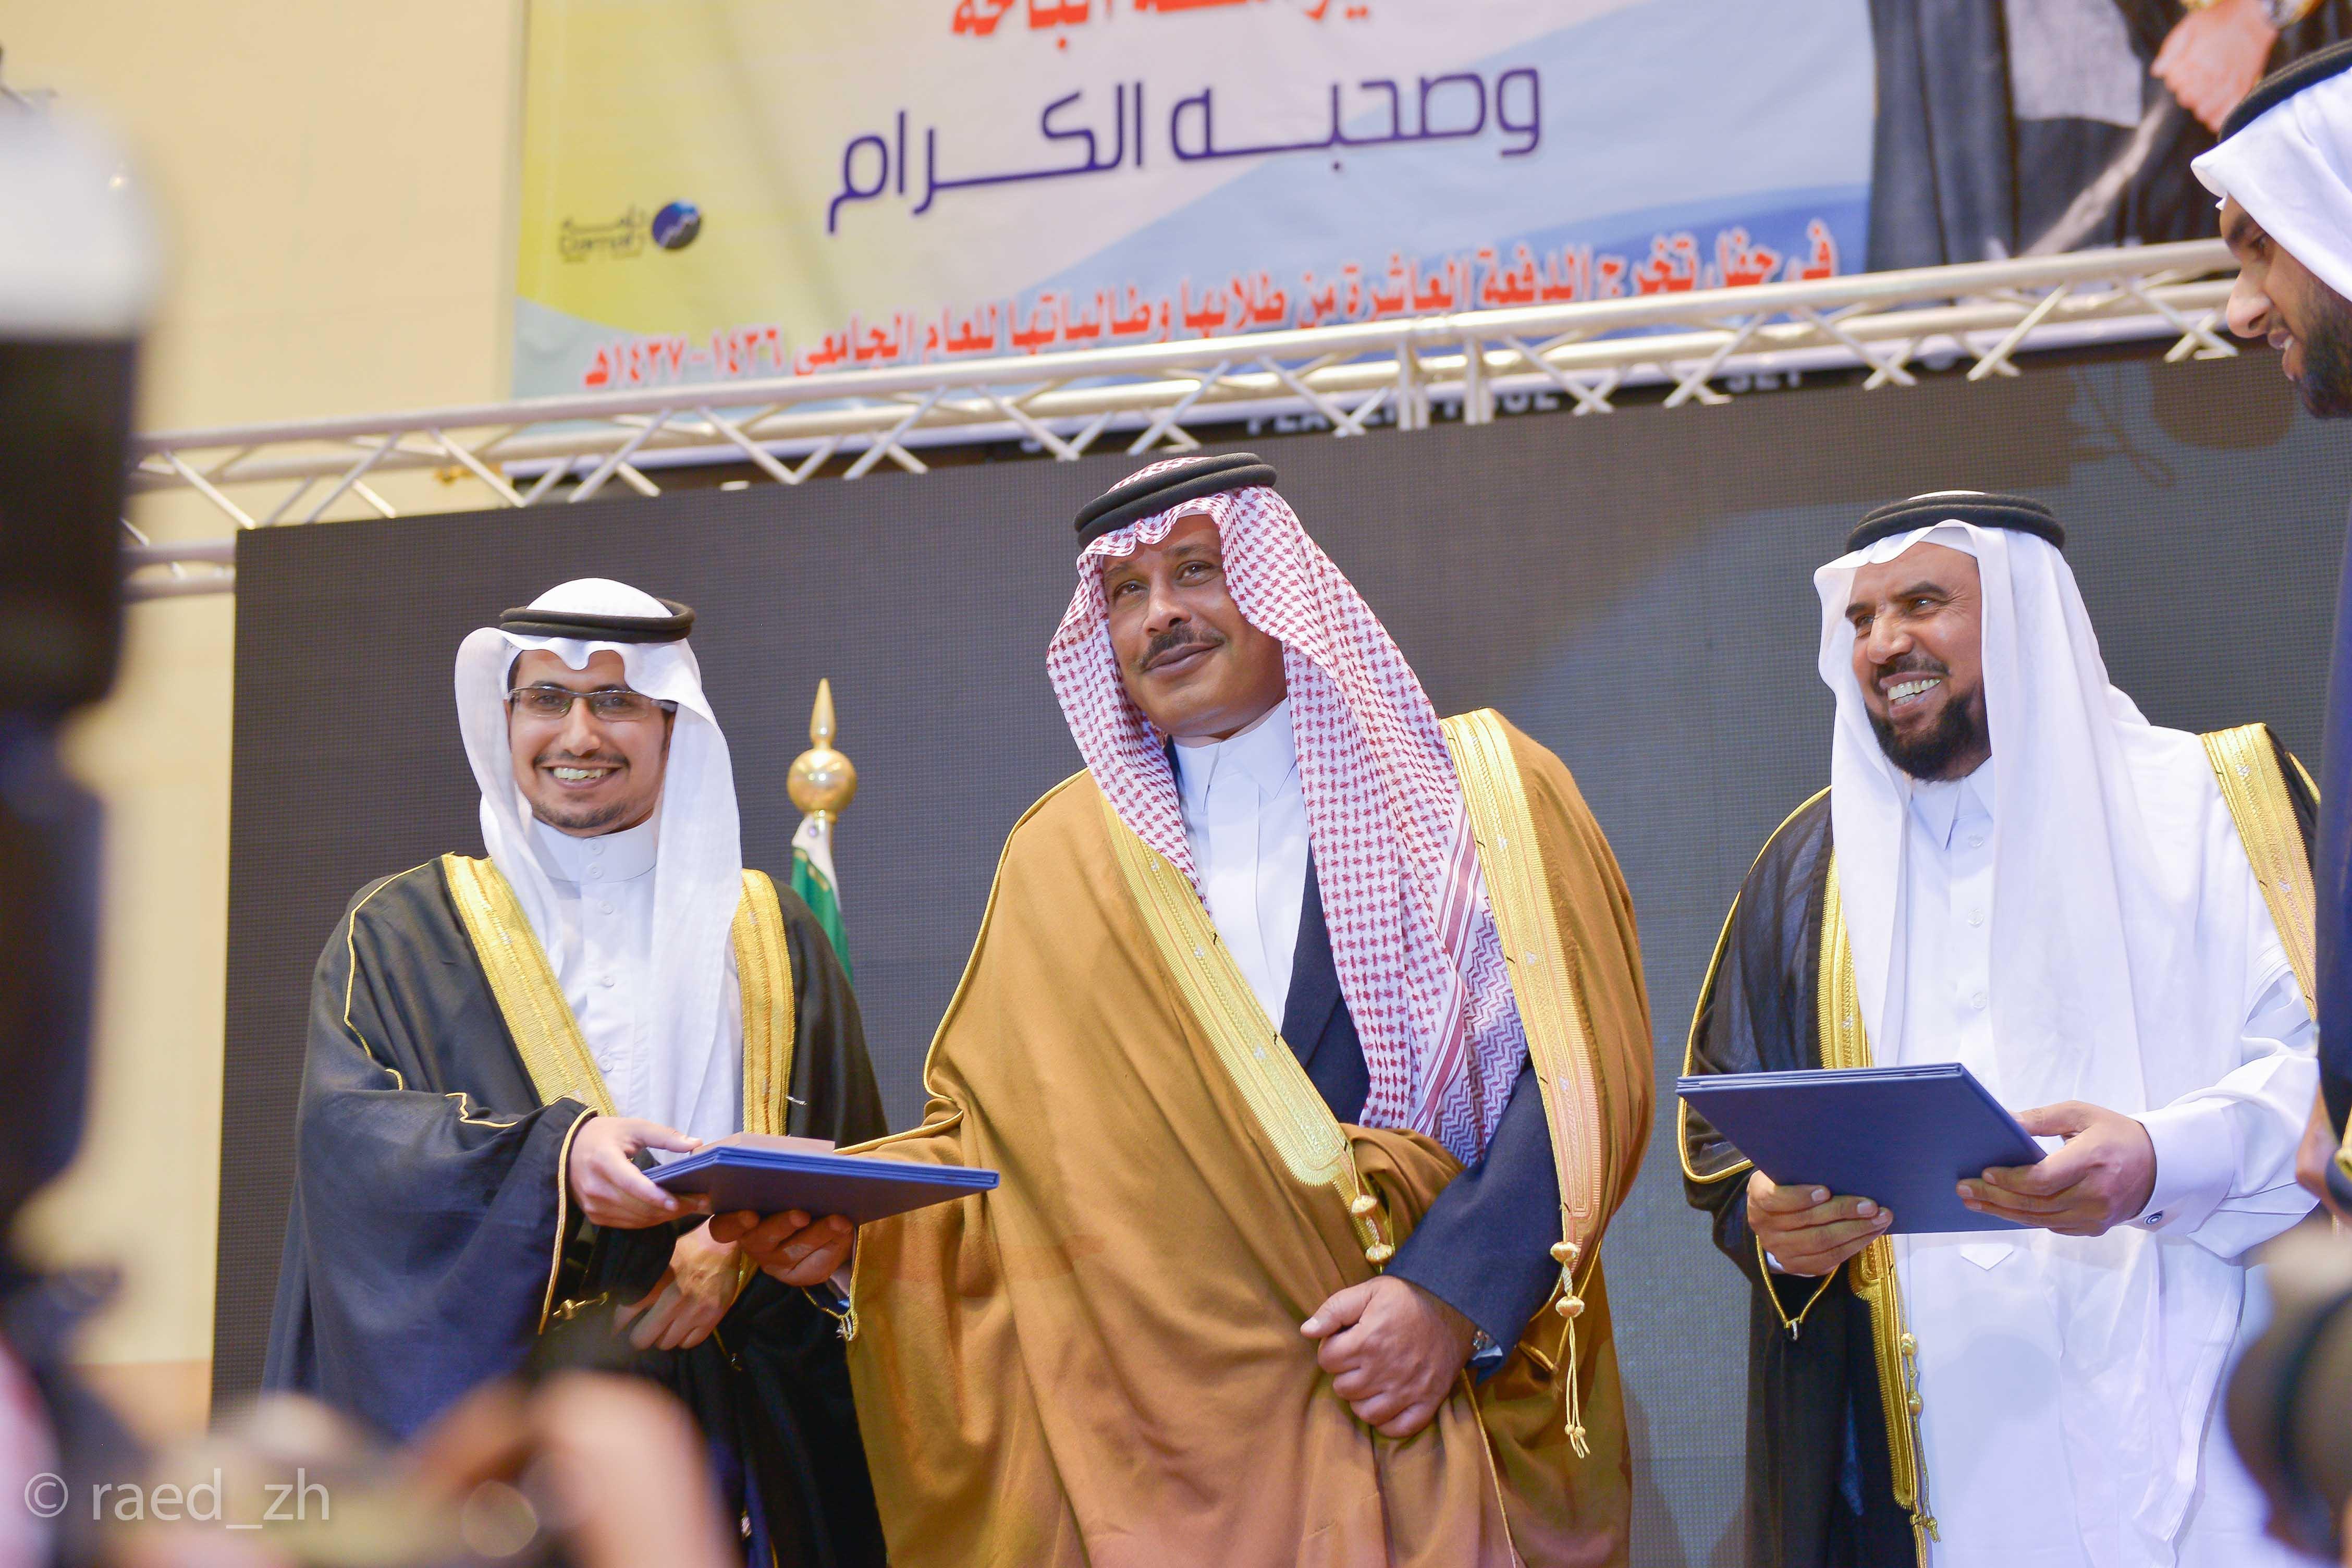 امير الباحة يرعى تخريج الدفعة العاشرة من طلاب وطالبات جامعة الباحة (23)